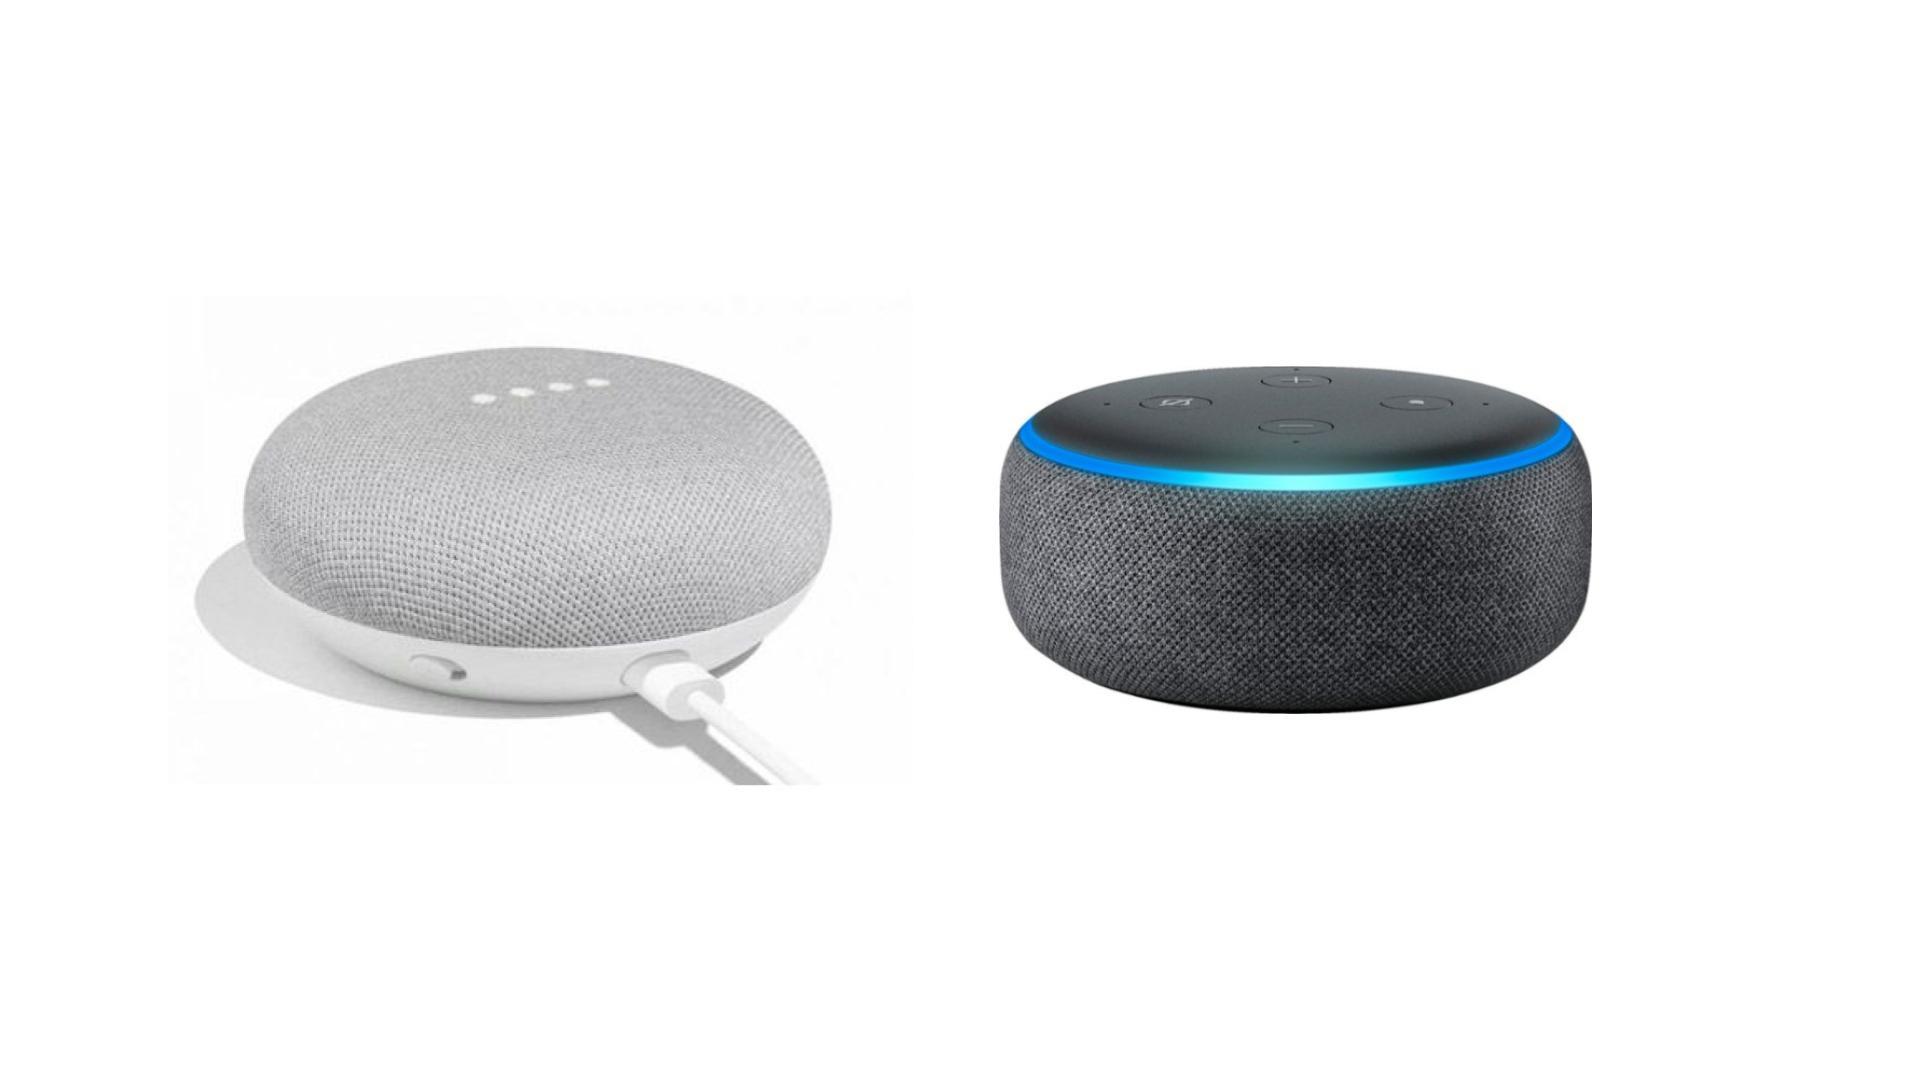 Promos sur les enceintes connectées : le Google Home Mini et l'Amazon Echo Dot sont à moins de 30 euros